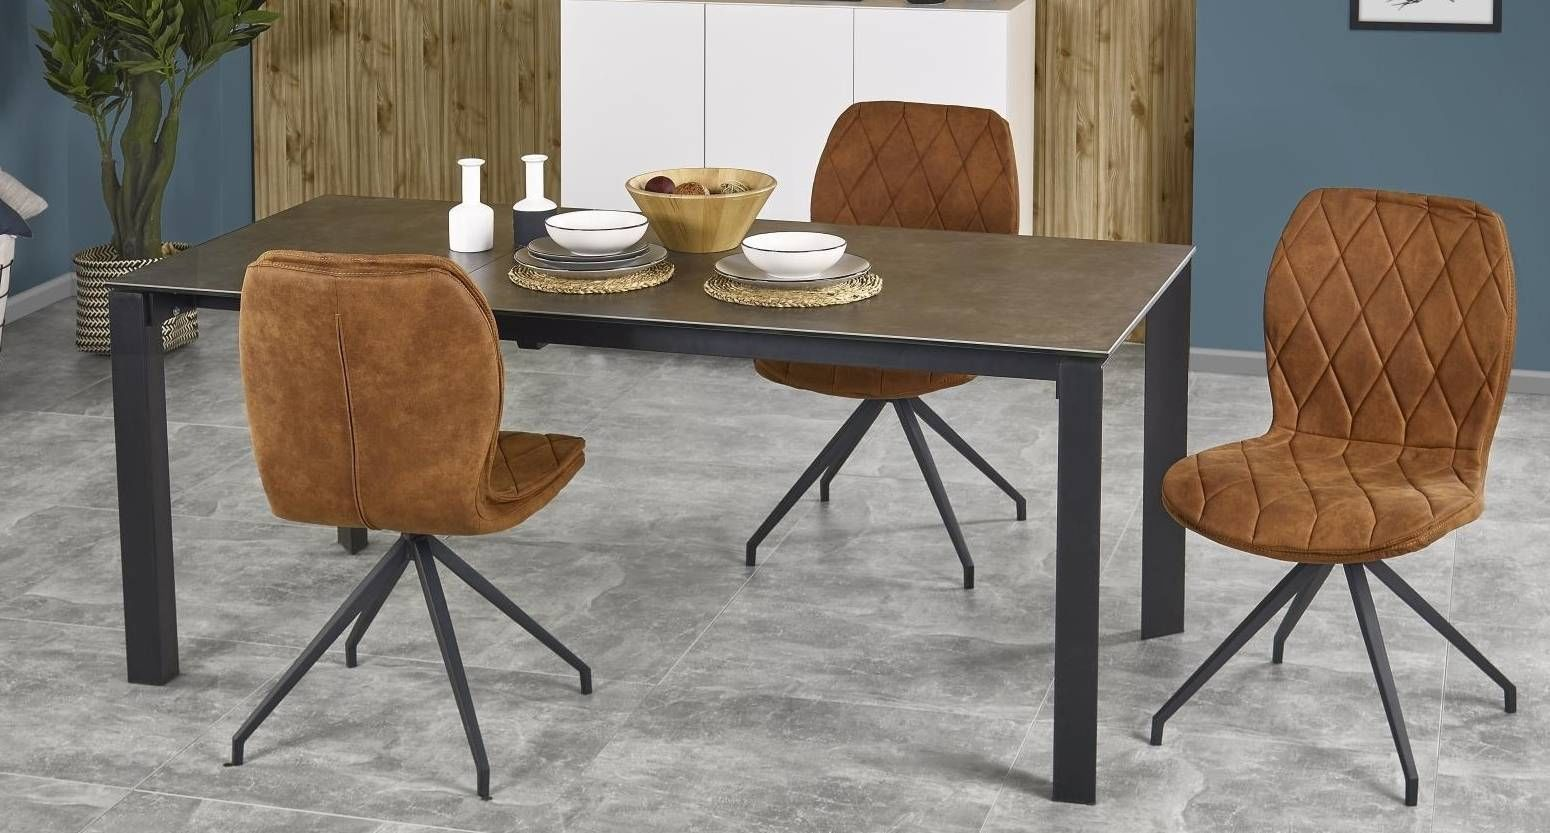 Zestaw: stół rozkładany Horizon i 4 krzesła K237 Halmar - 3 kolory